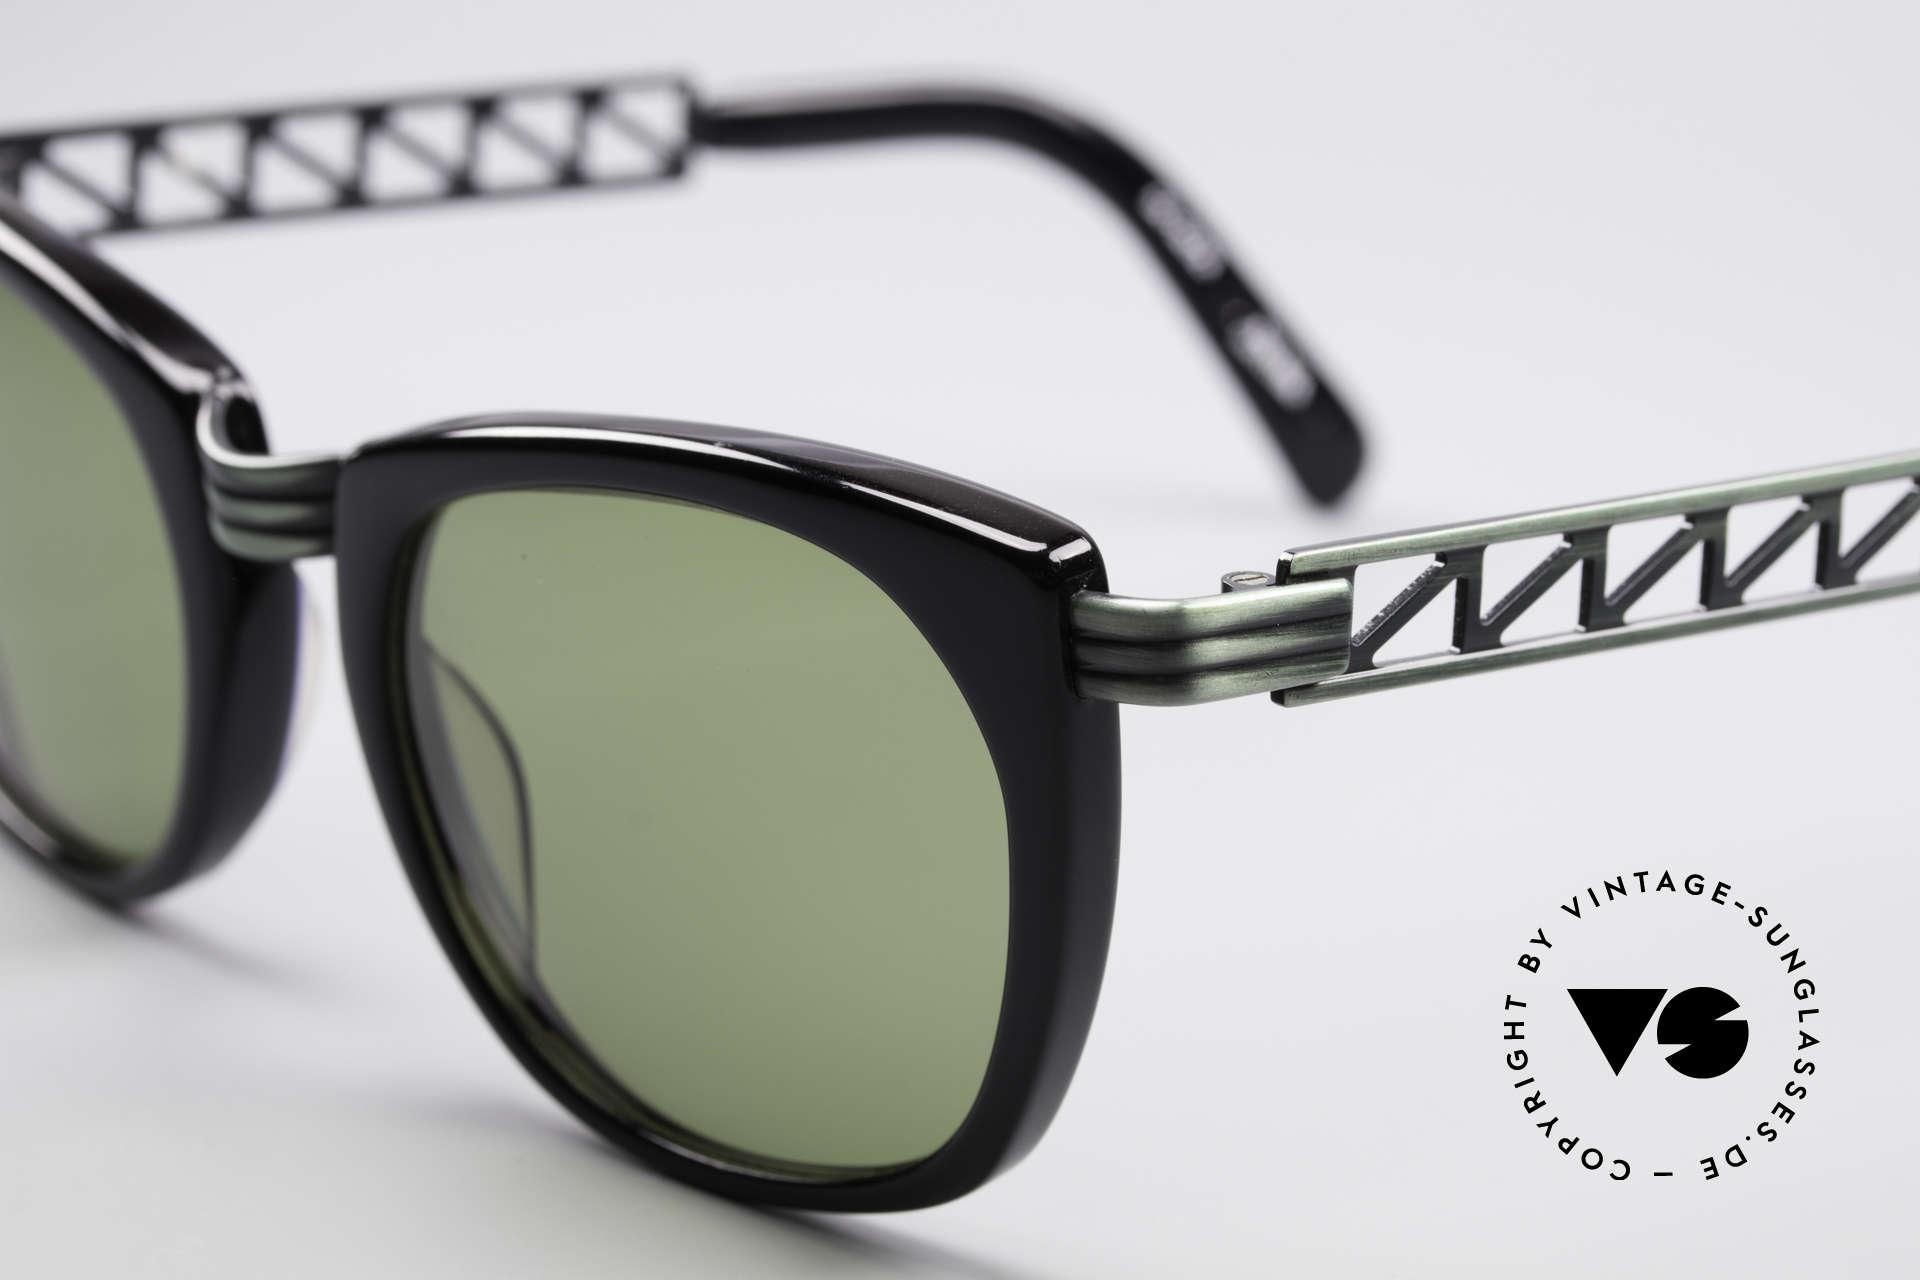 Jean Paul Gaultier 56-0272 90er Steampunk Sonnenbrille, unbenutzt; wie alle unsere vintage ORIGINALE, Passend für Herren und Damen